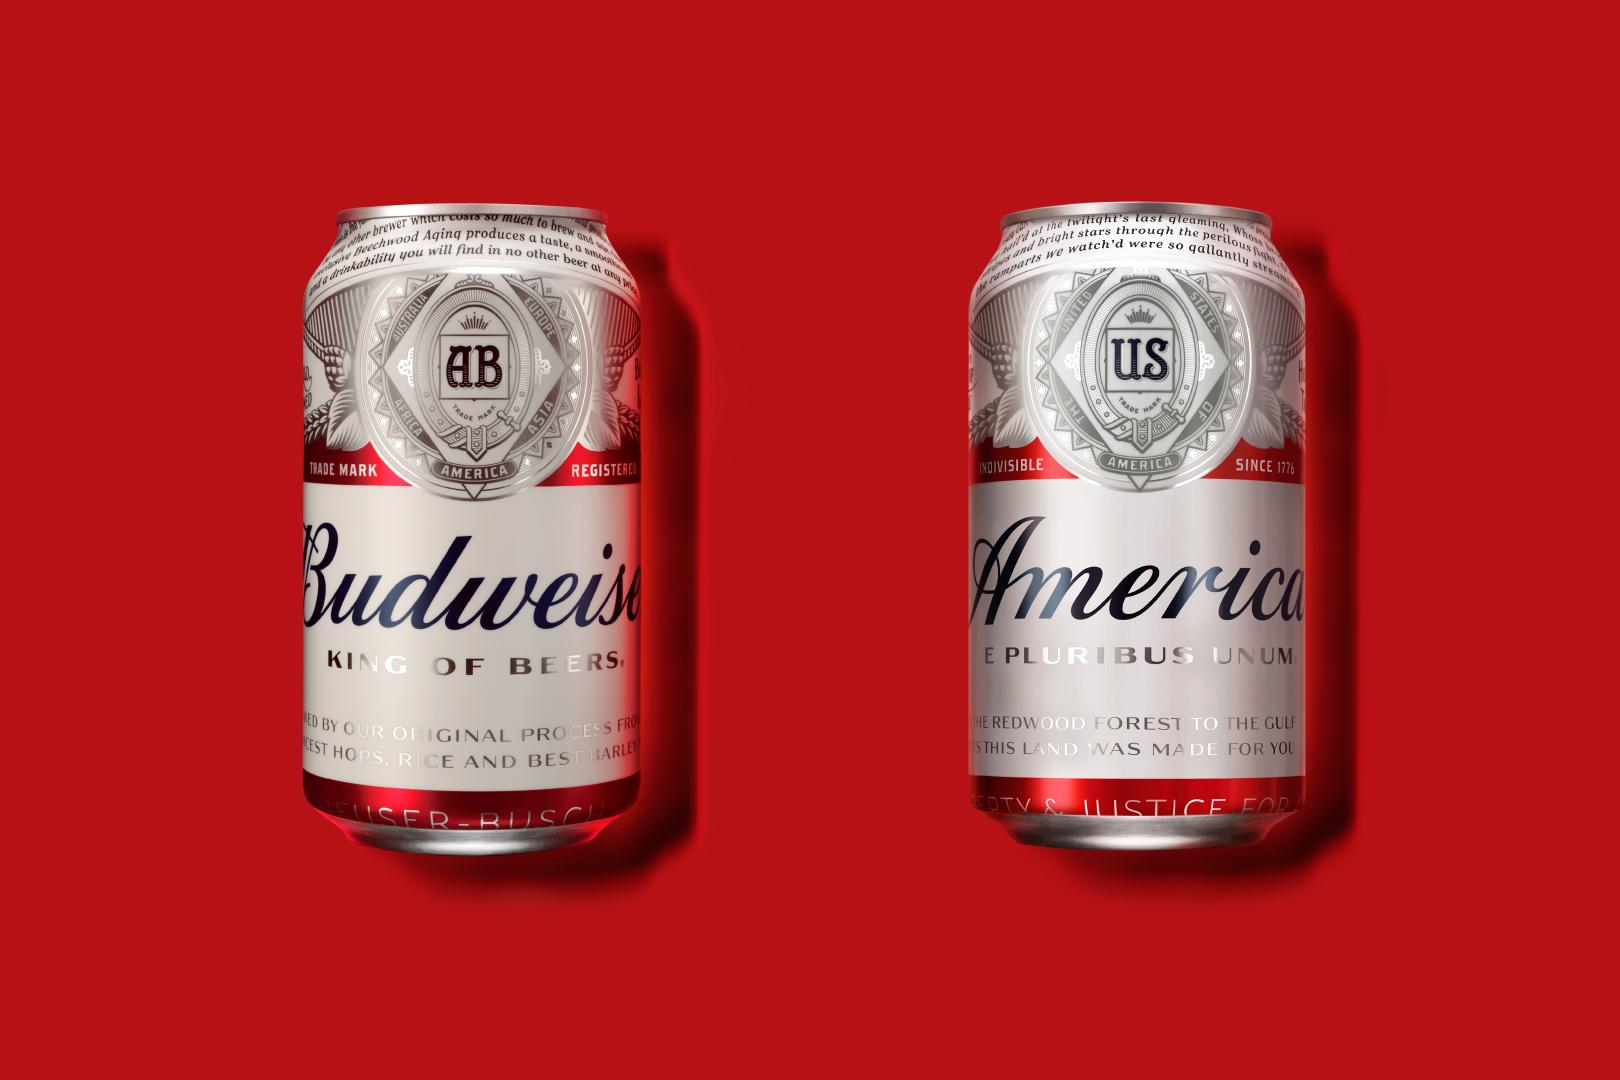 Budweiser America naming